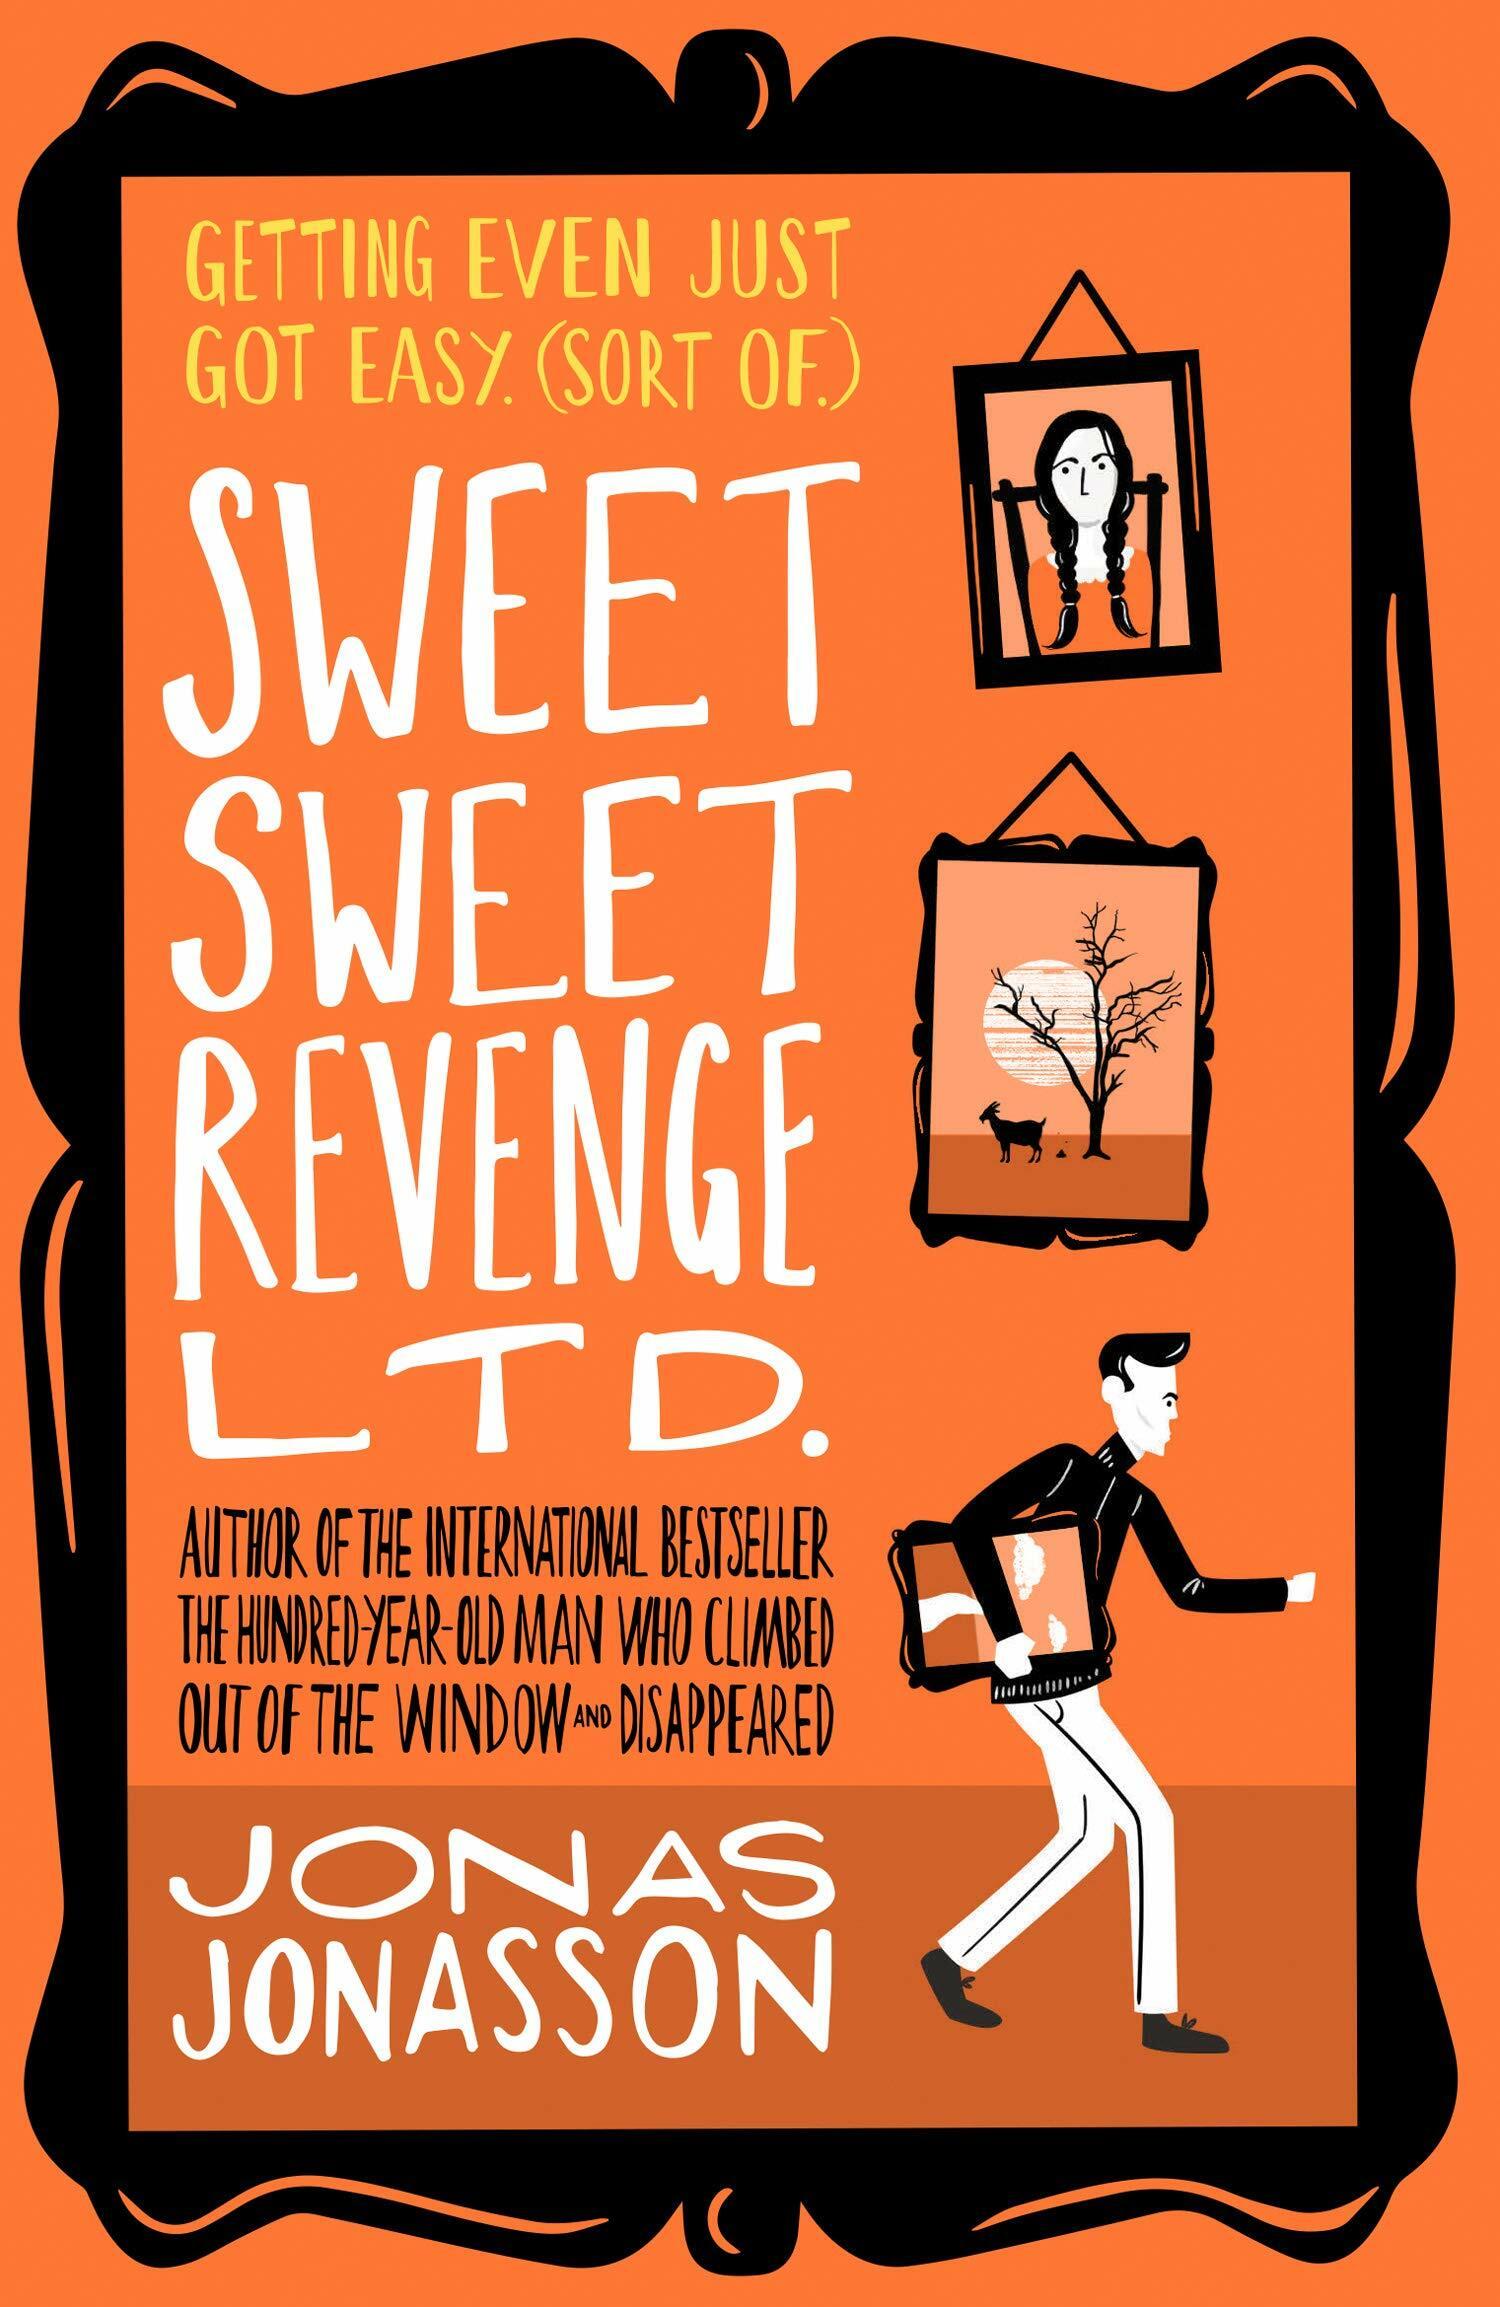 Sweet Sweet Revenge Ltd. (Paperback)